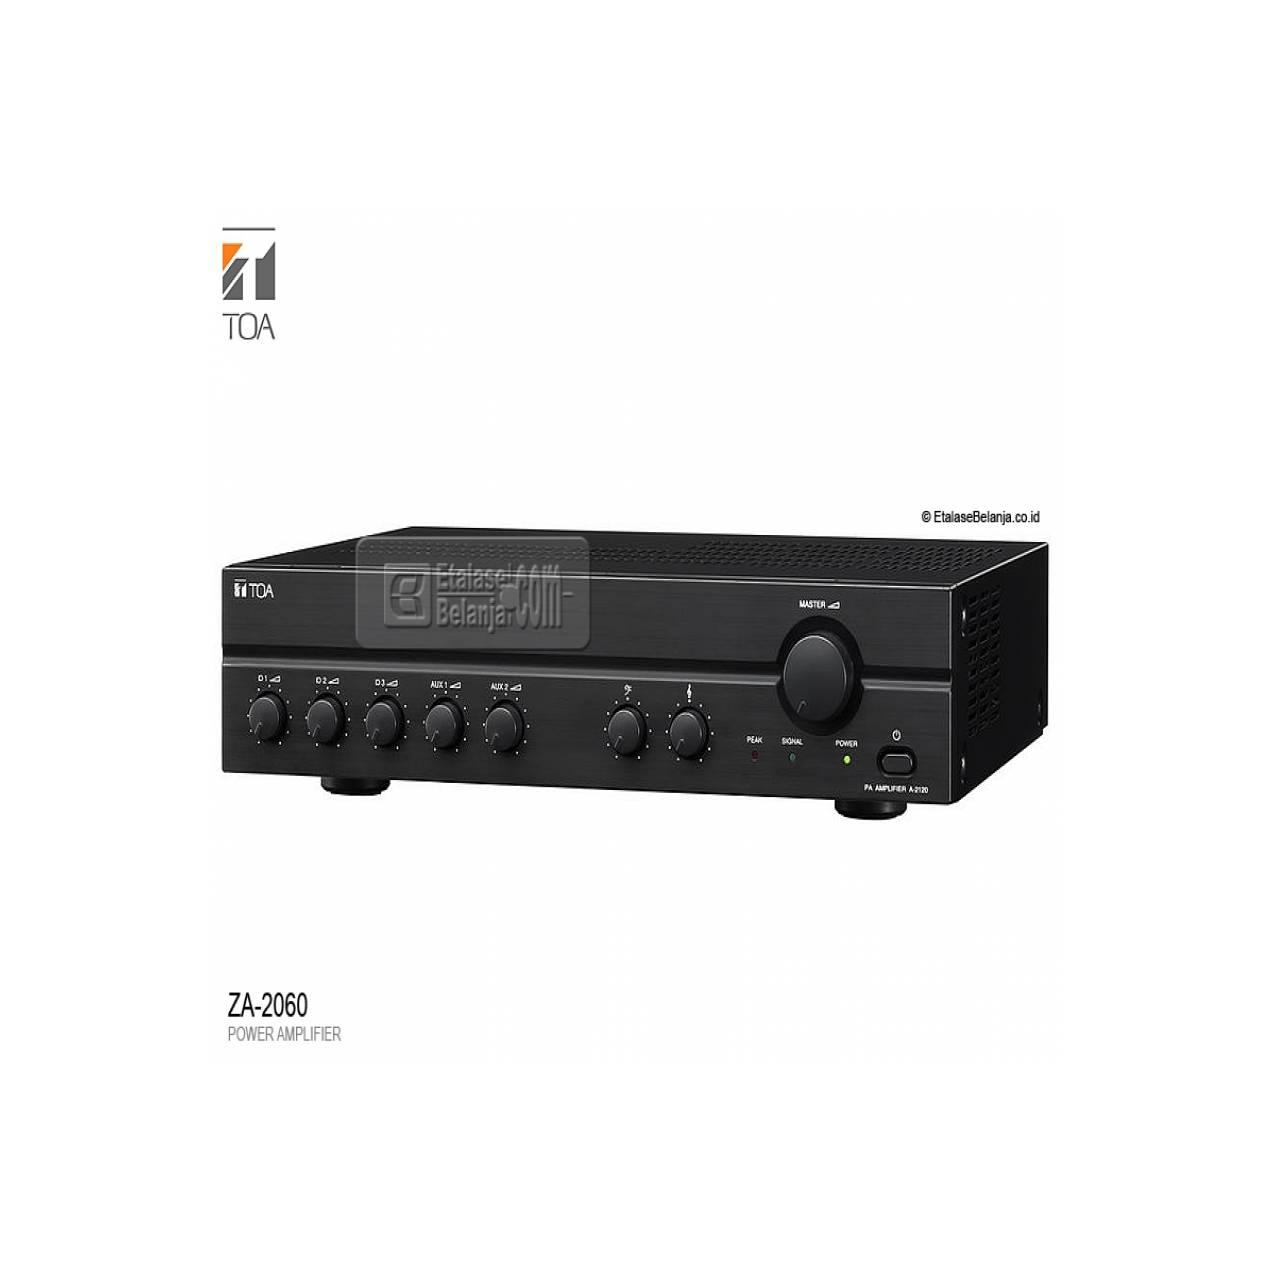 TOA ZA-2060 - PA POWER MIXER AMPLIFIER 60 WATT